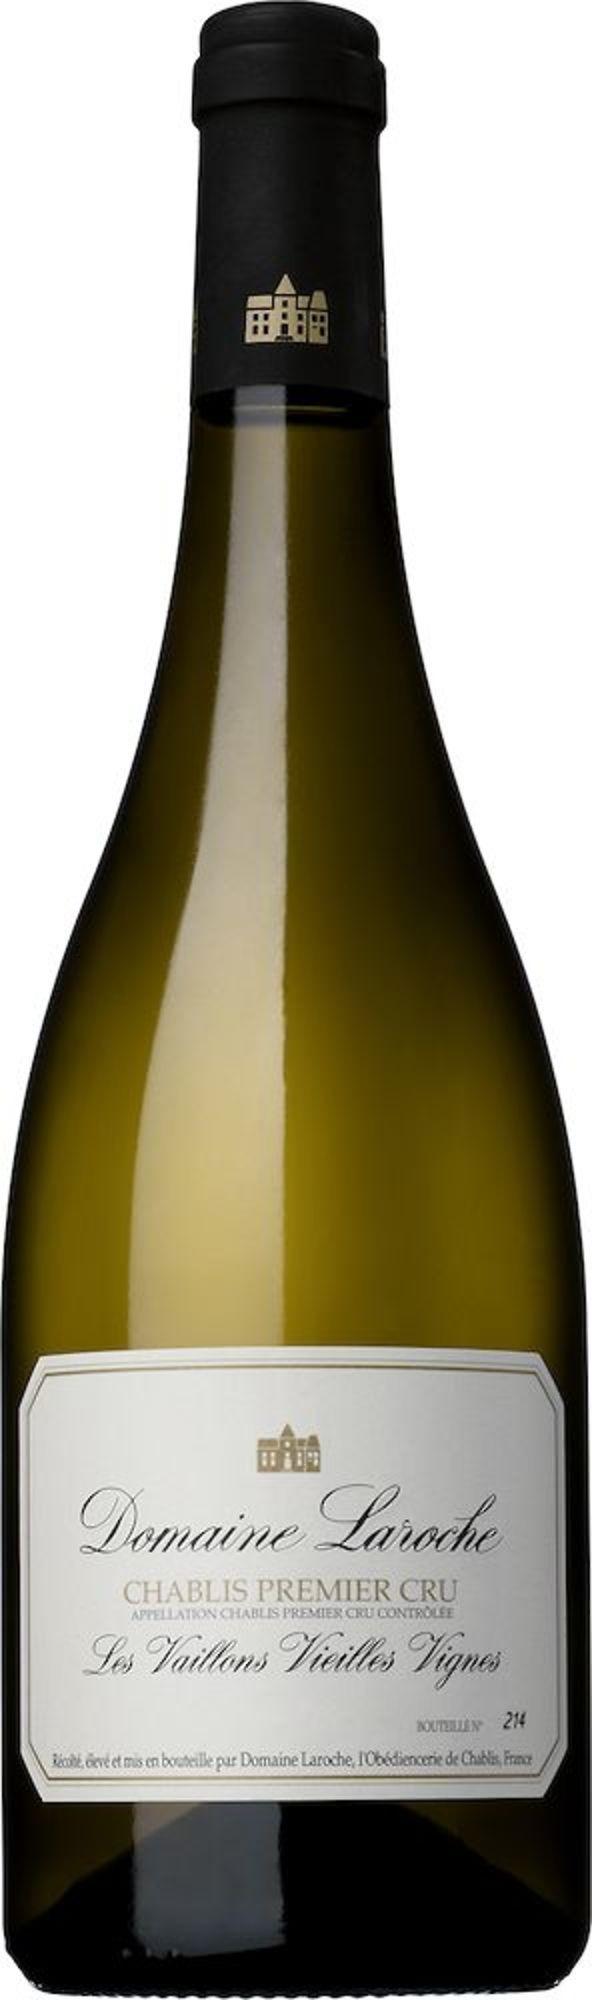 Produktbild på Chablis Premier Cru Vaillons Vieilles Vignes